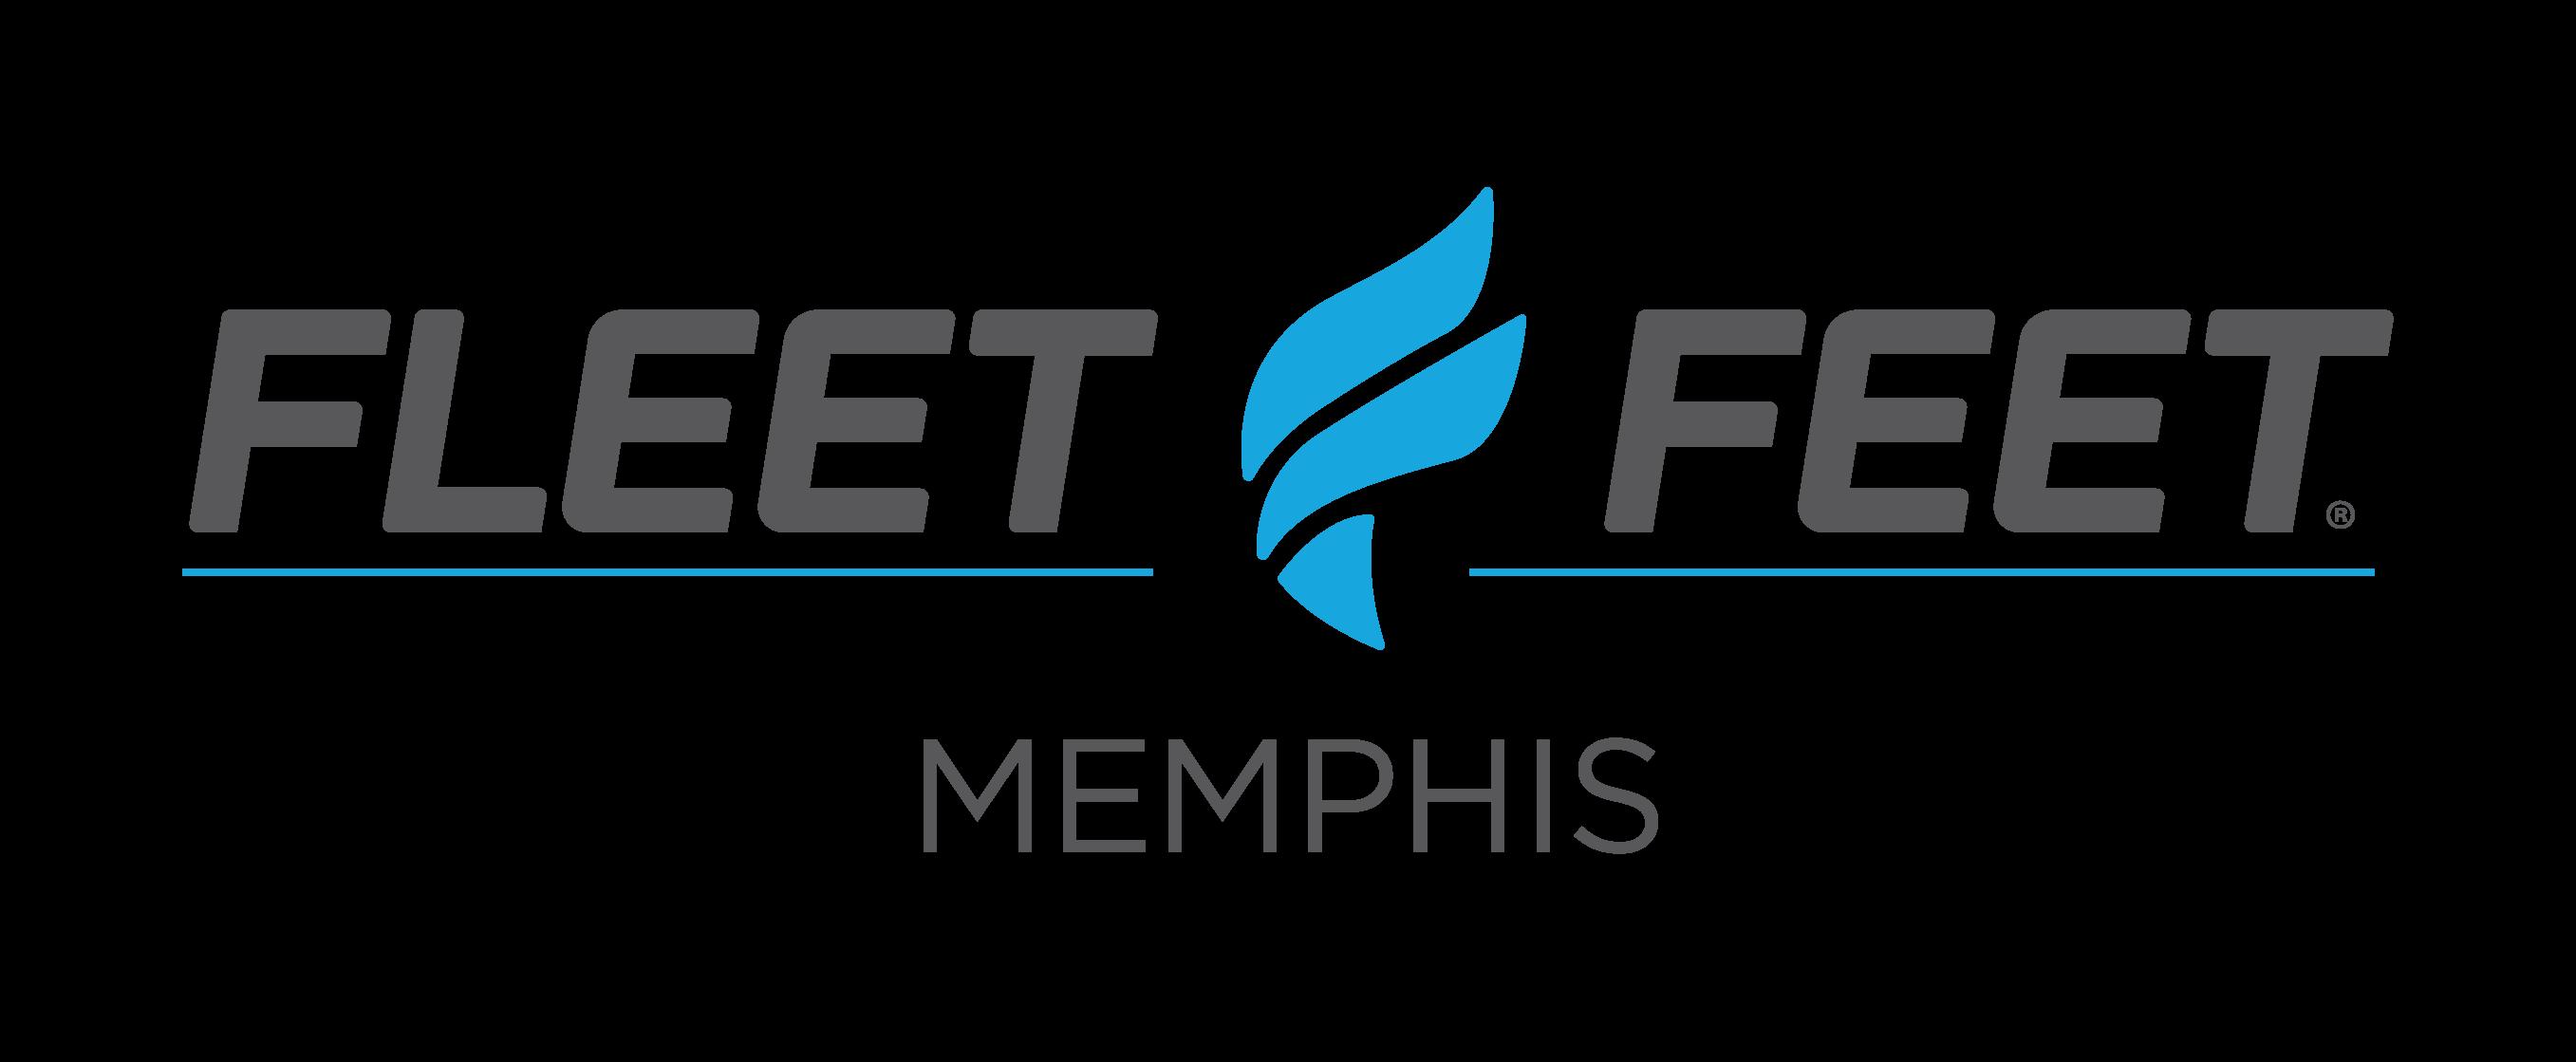 Fleet Feet Memphis